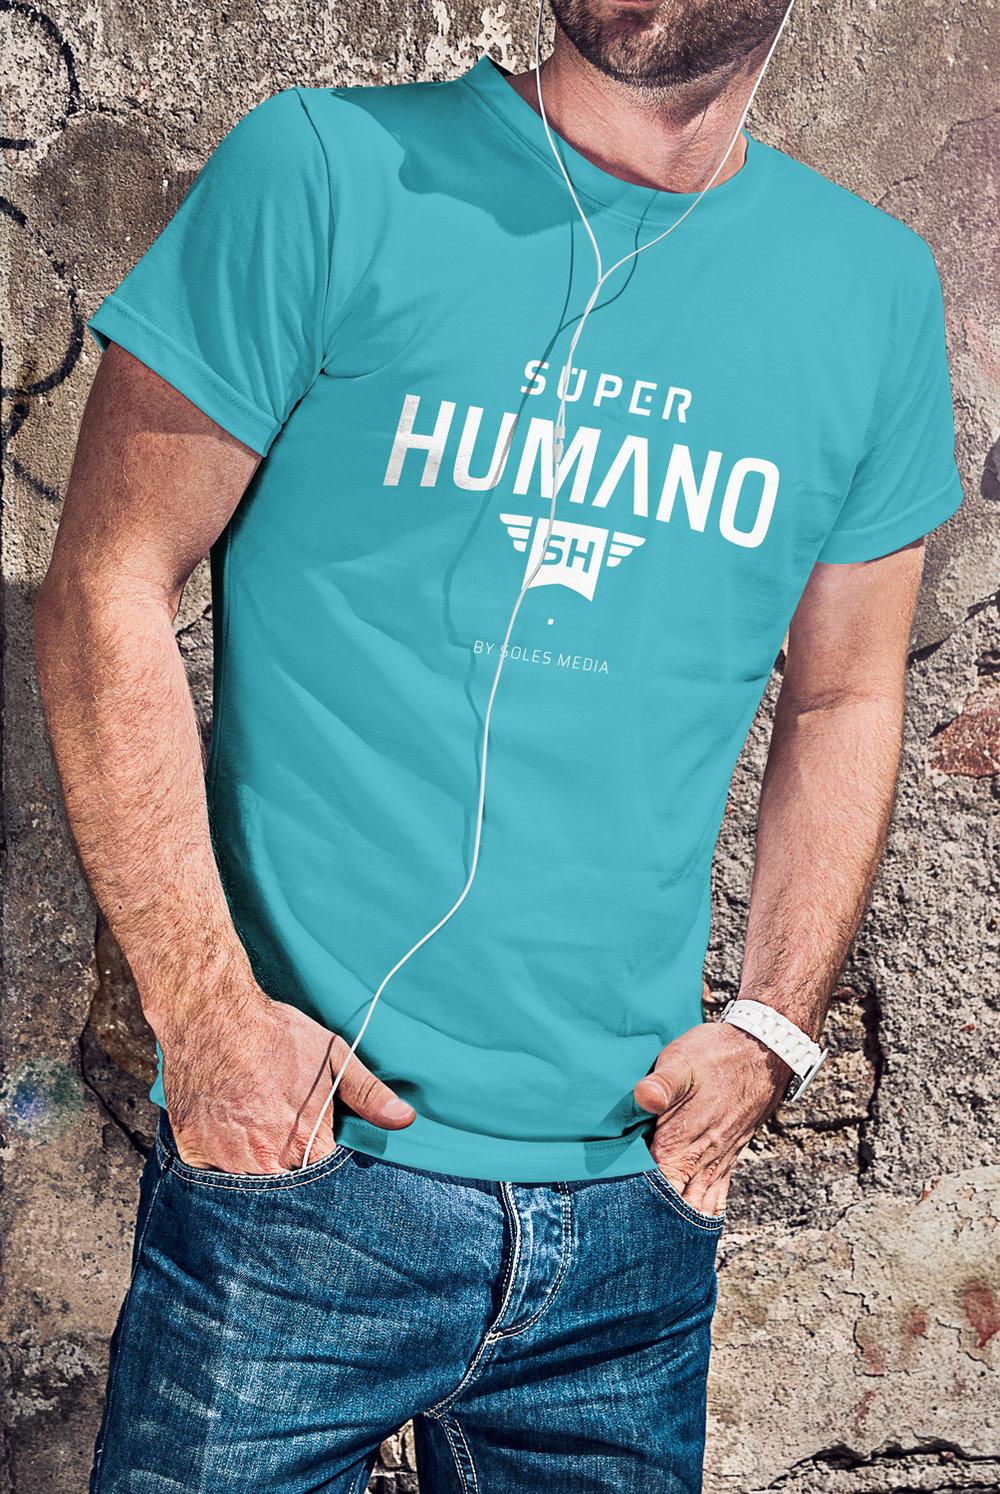 logo-2-shirt-man.jpg